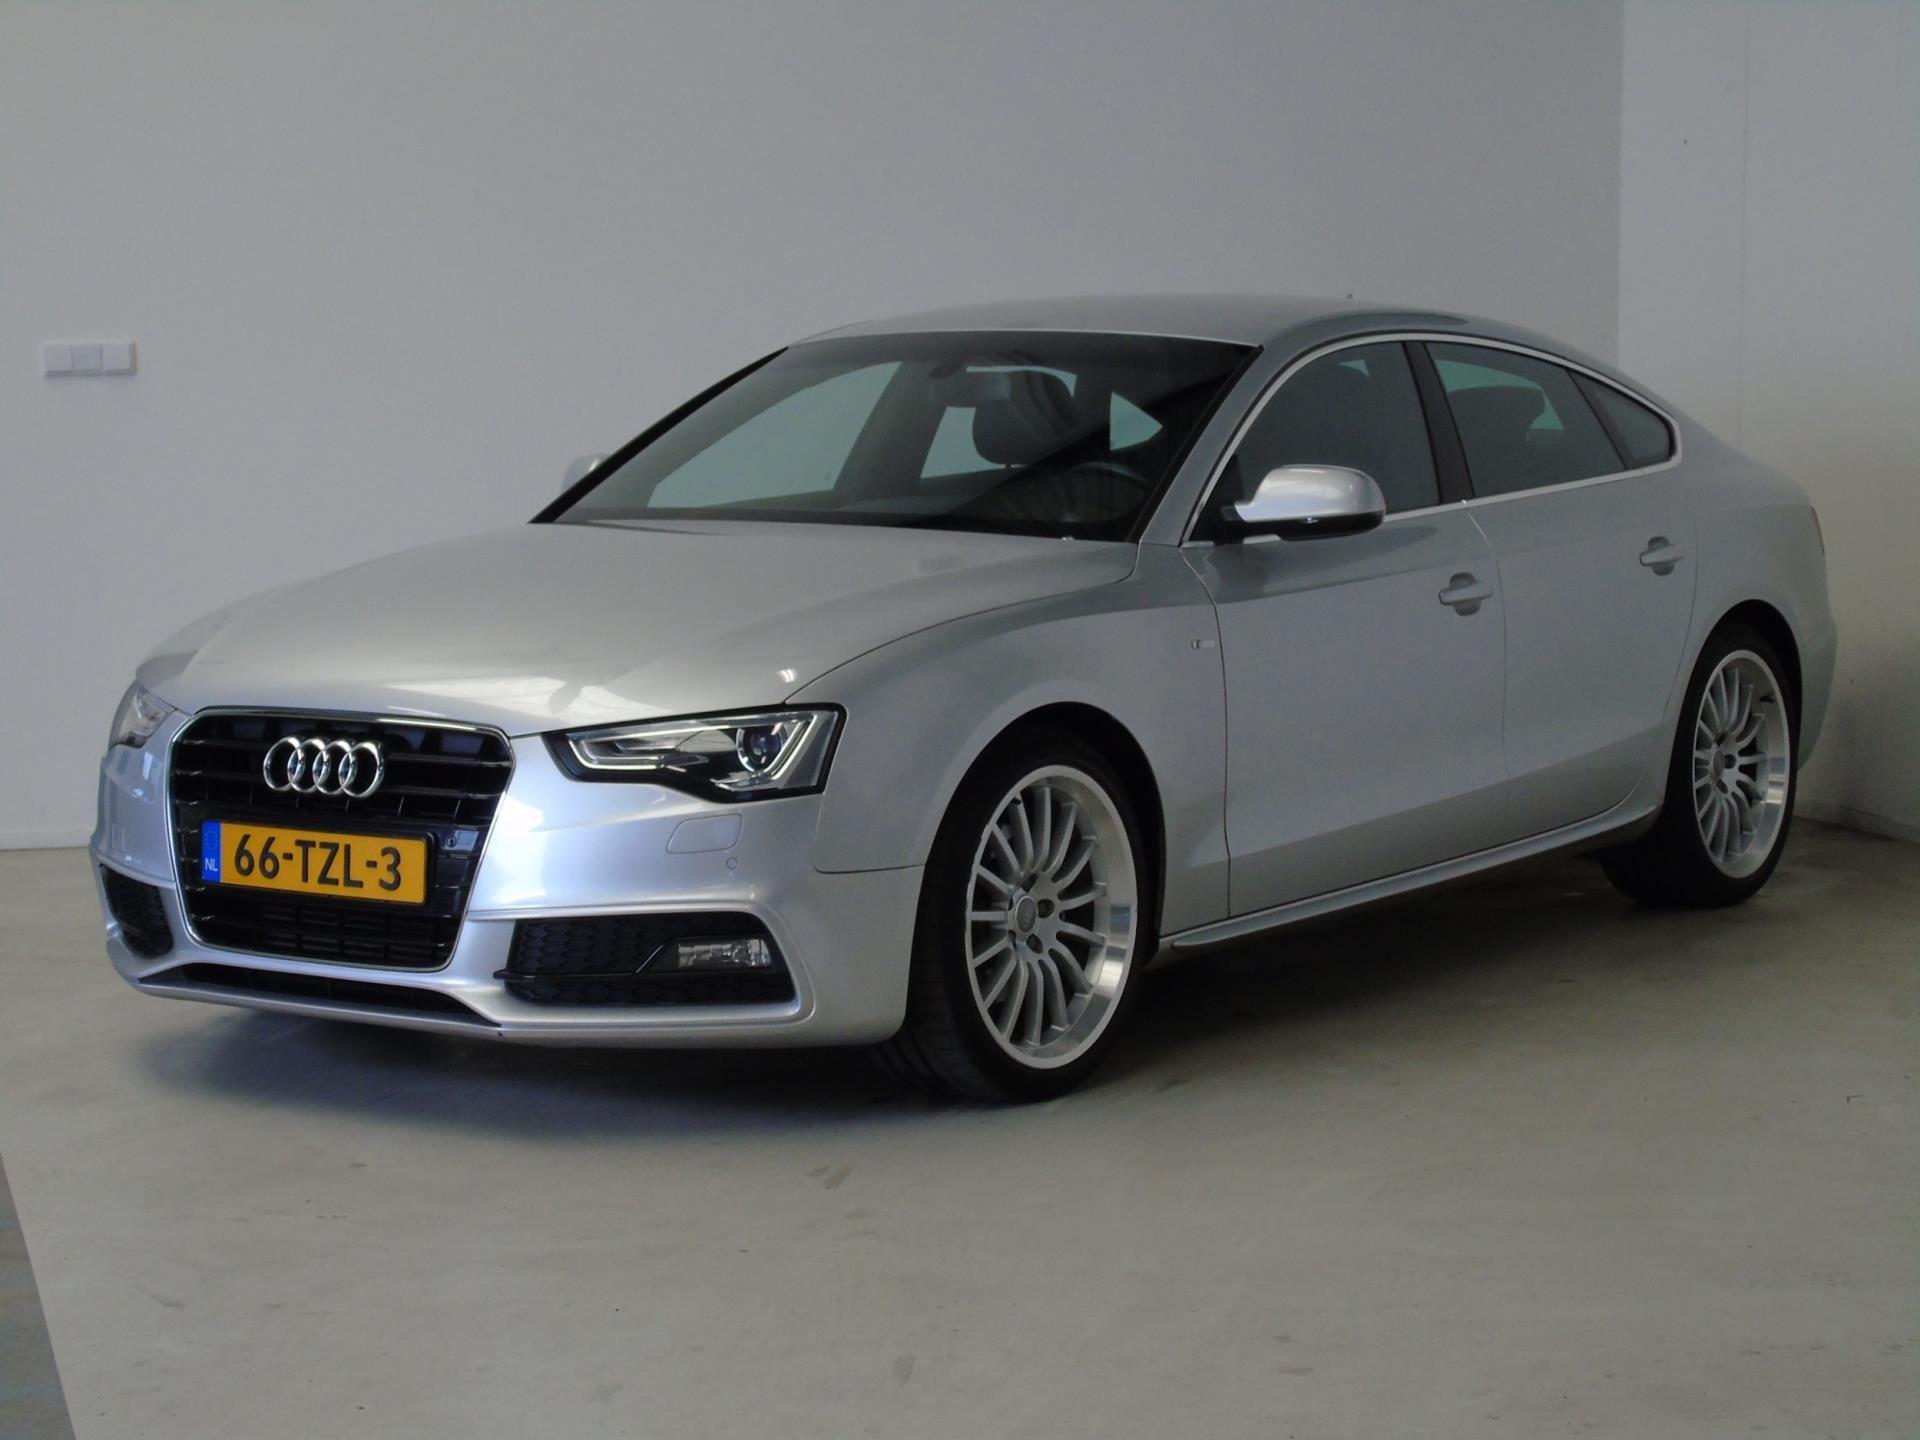 Audi A5 Sportback occasion - van Dijk auto's